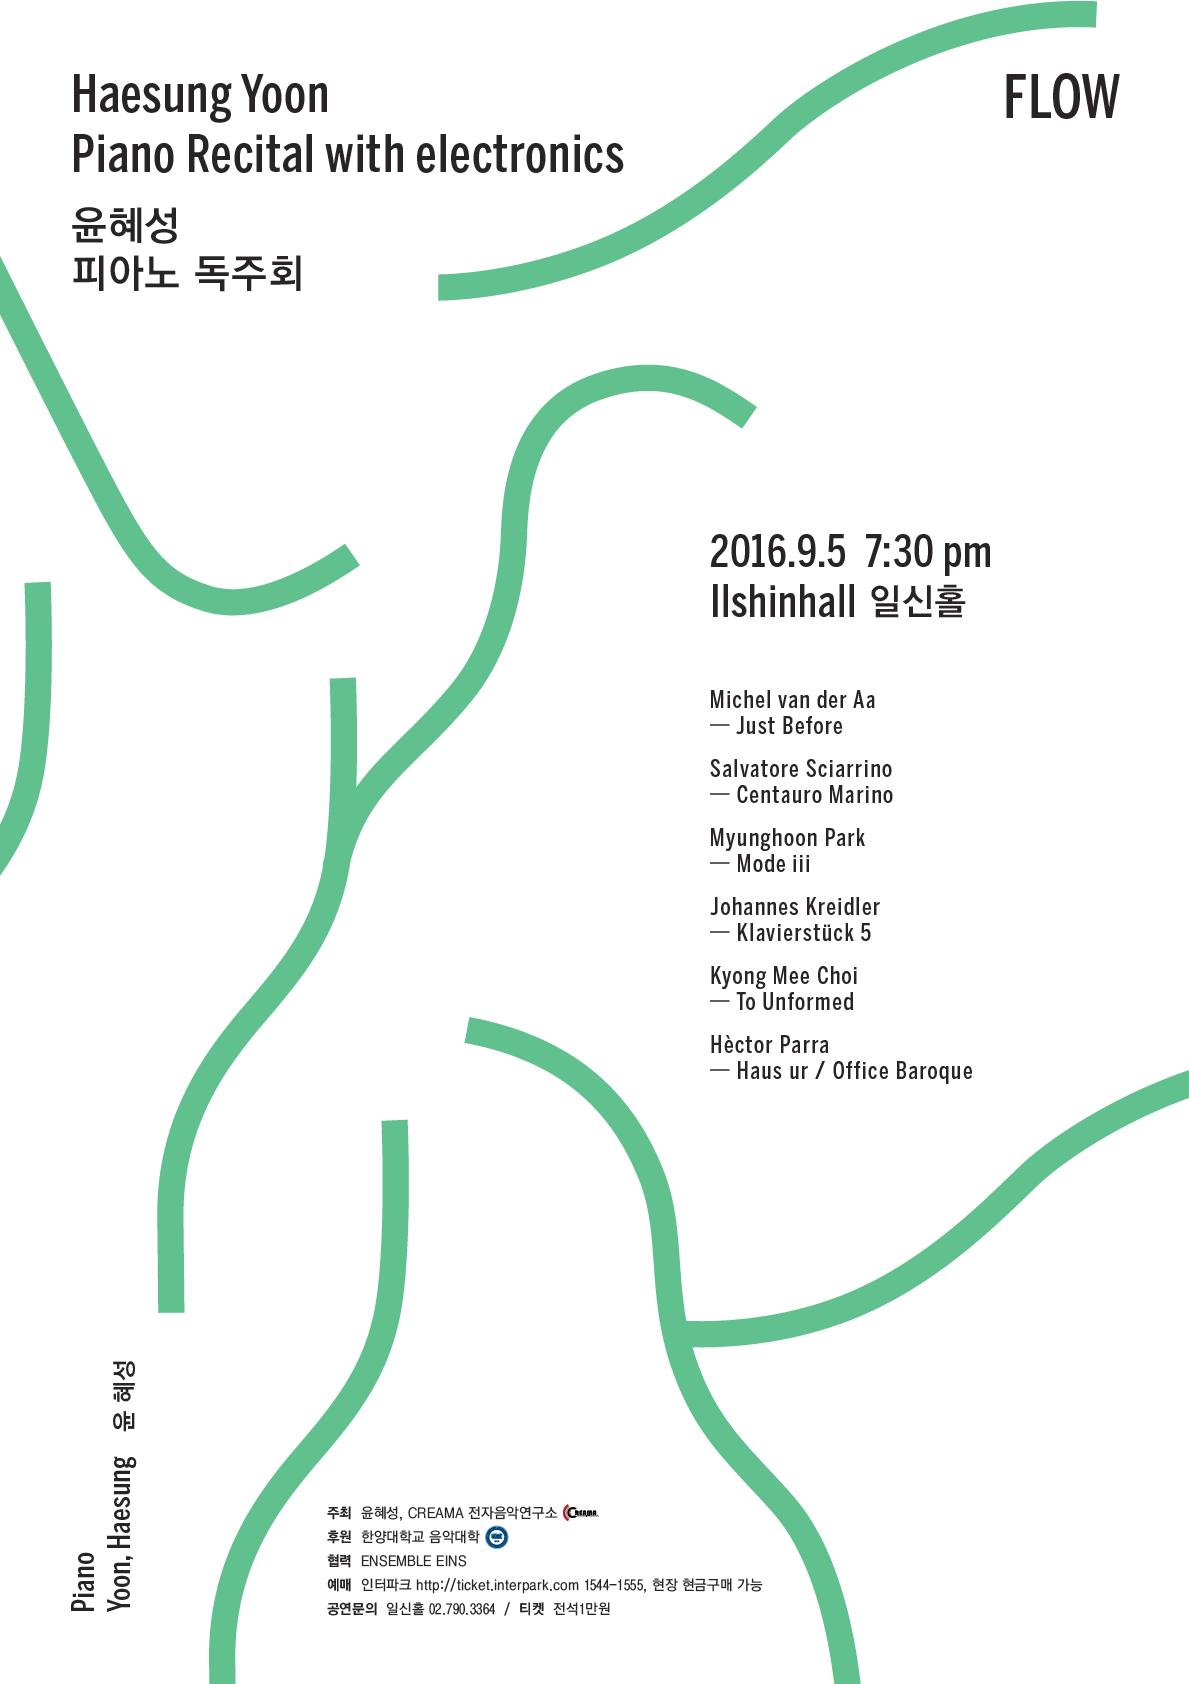 Flow Haesung Yoon Piano Recital with CREAMA